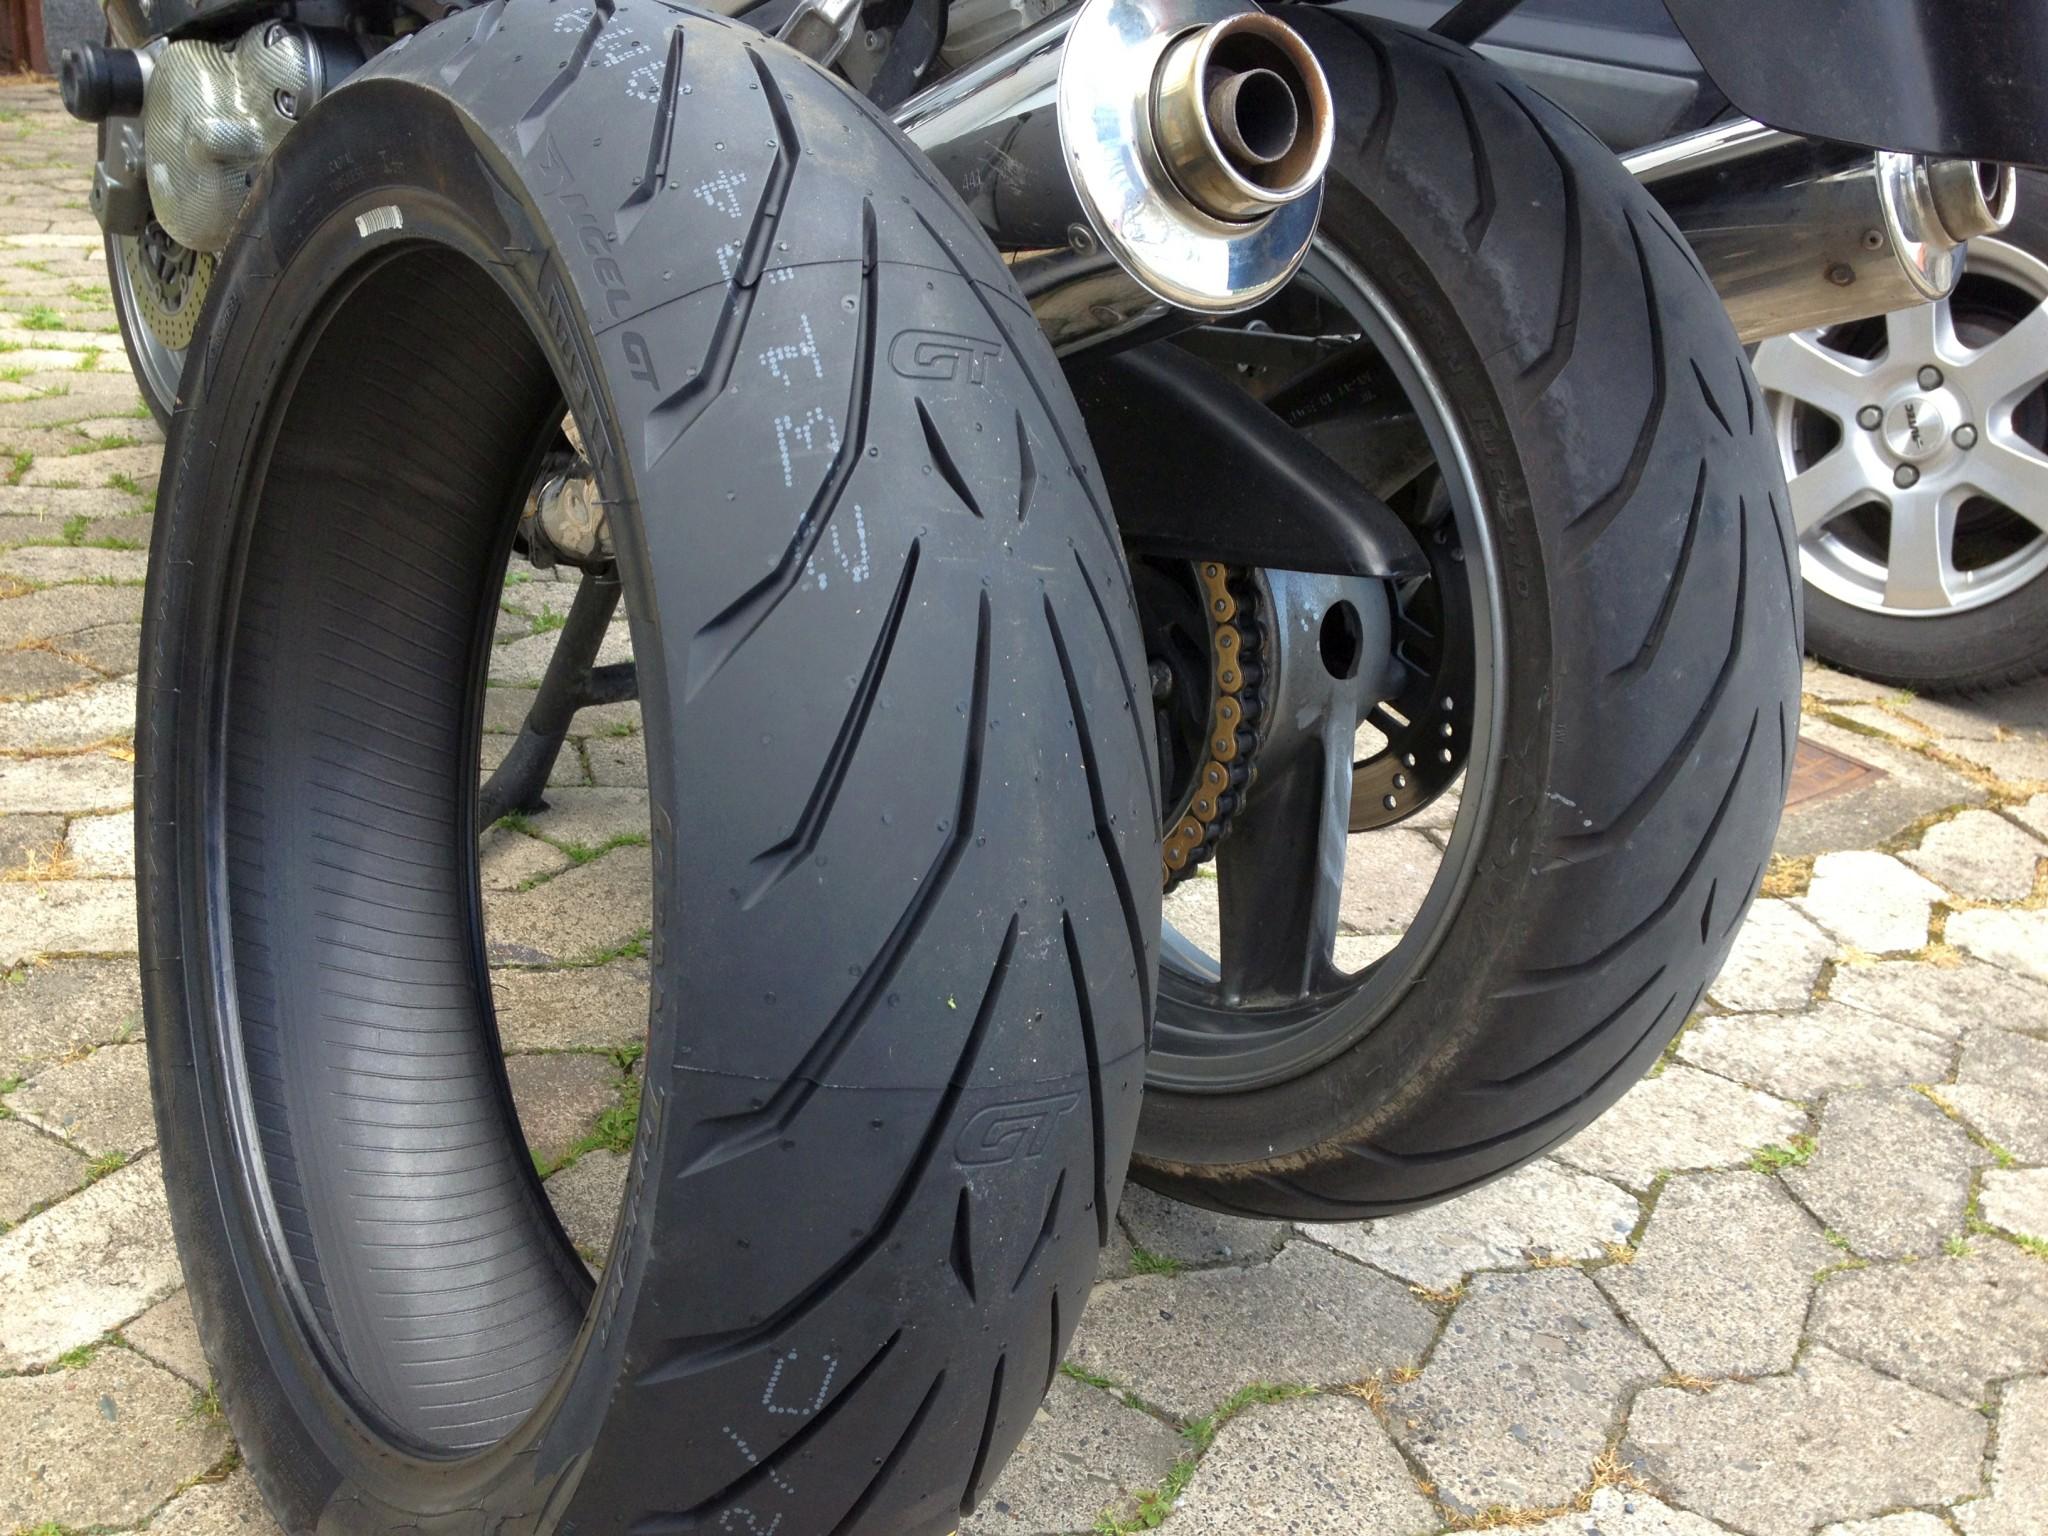 Suzuki Bandit Tyre Pressures